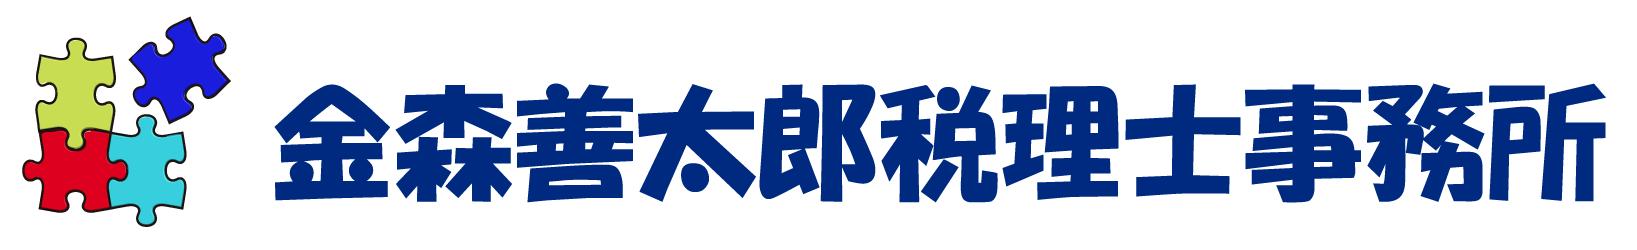 金森善太郎税理士事務所